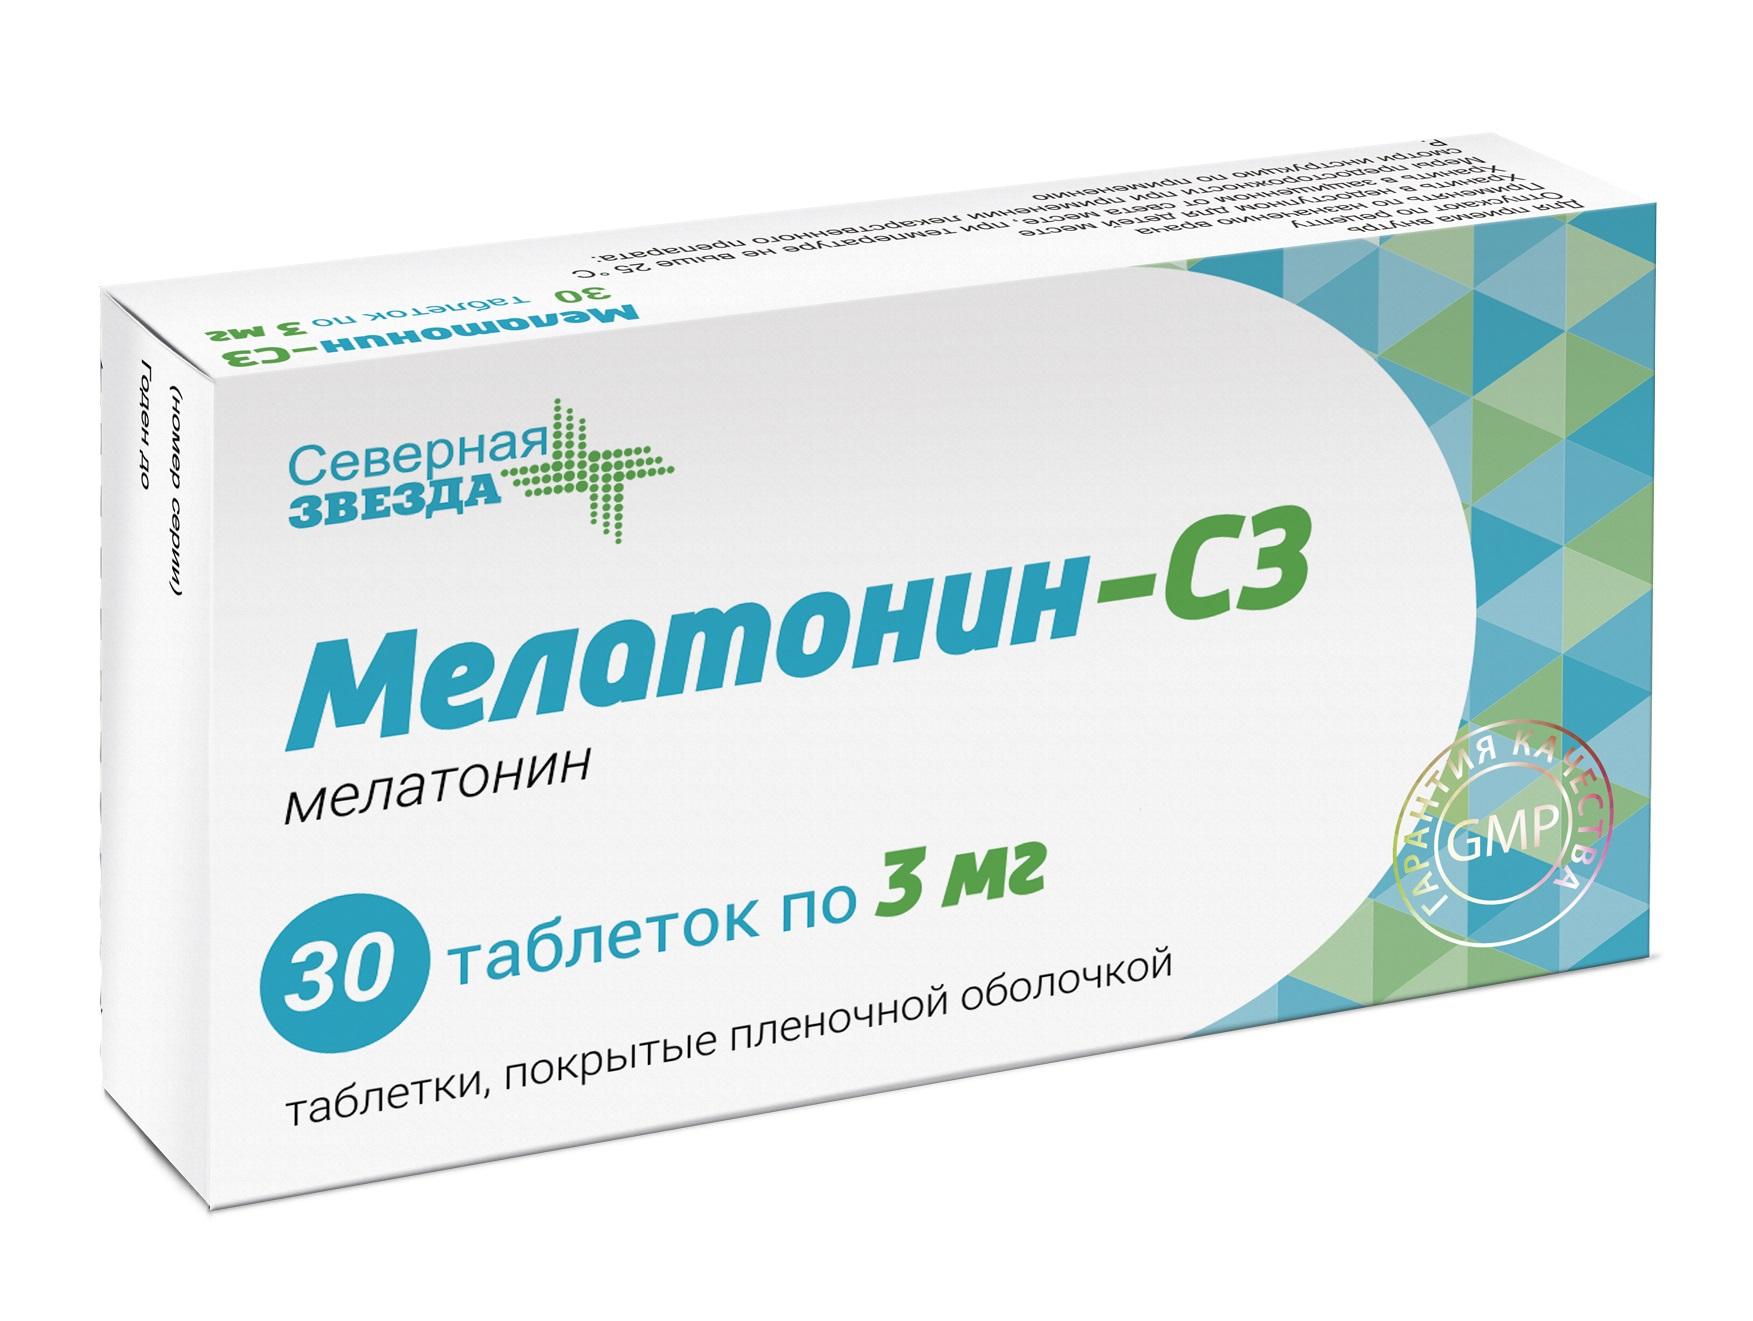 Мелатонин-СЗ табл. п.п.о. 3 мг №30